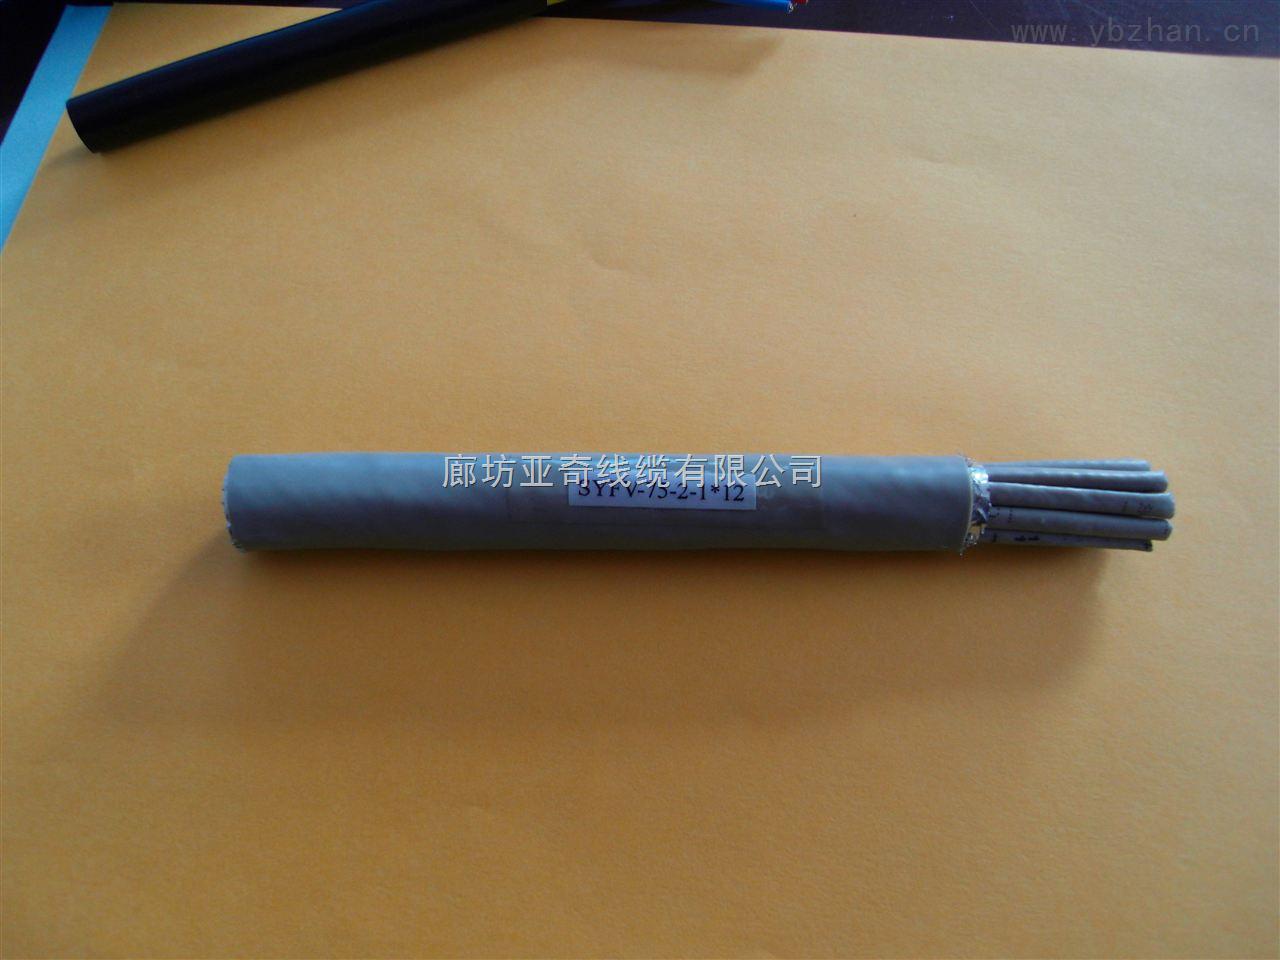 SYFZ-75-2-1*4微微同轴电缆中继电缆两兆电缆